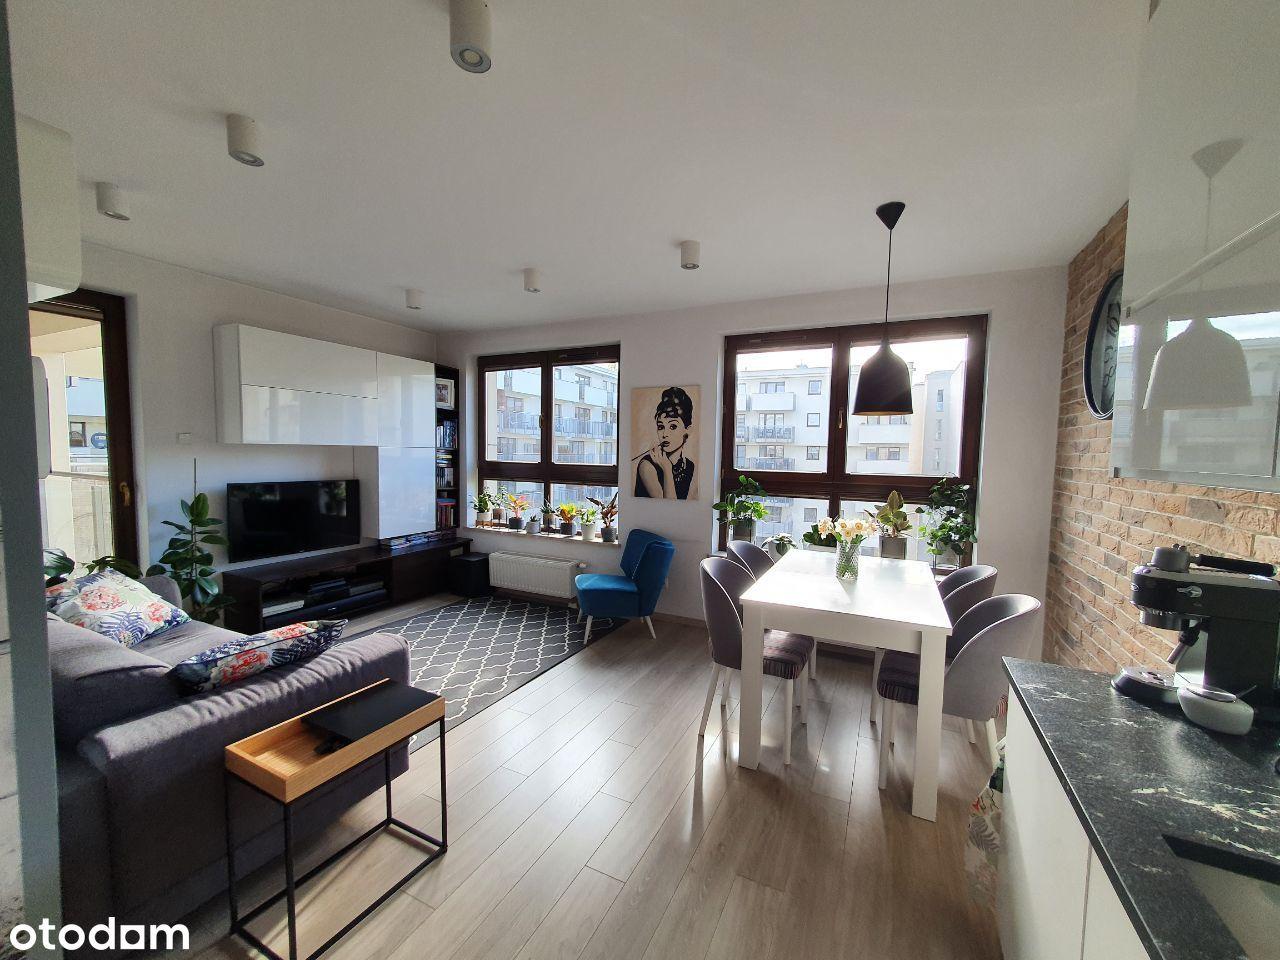 Przestronne mieszkanie 66.08m2 DOSTĘPNE OD ZARAZ